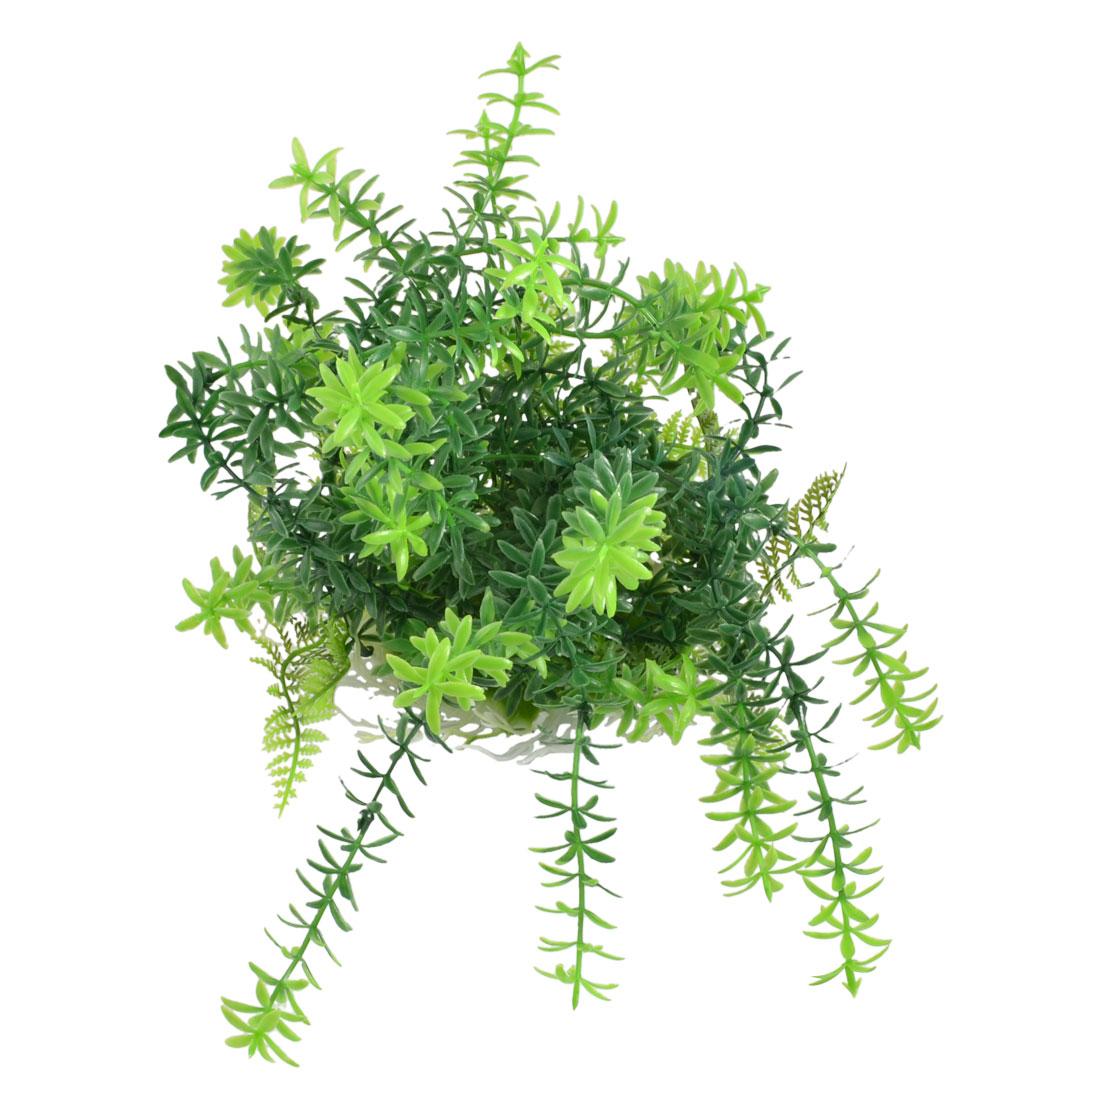 14.5cm High Green Leaves Plastic Plant Decoration for Aquarium